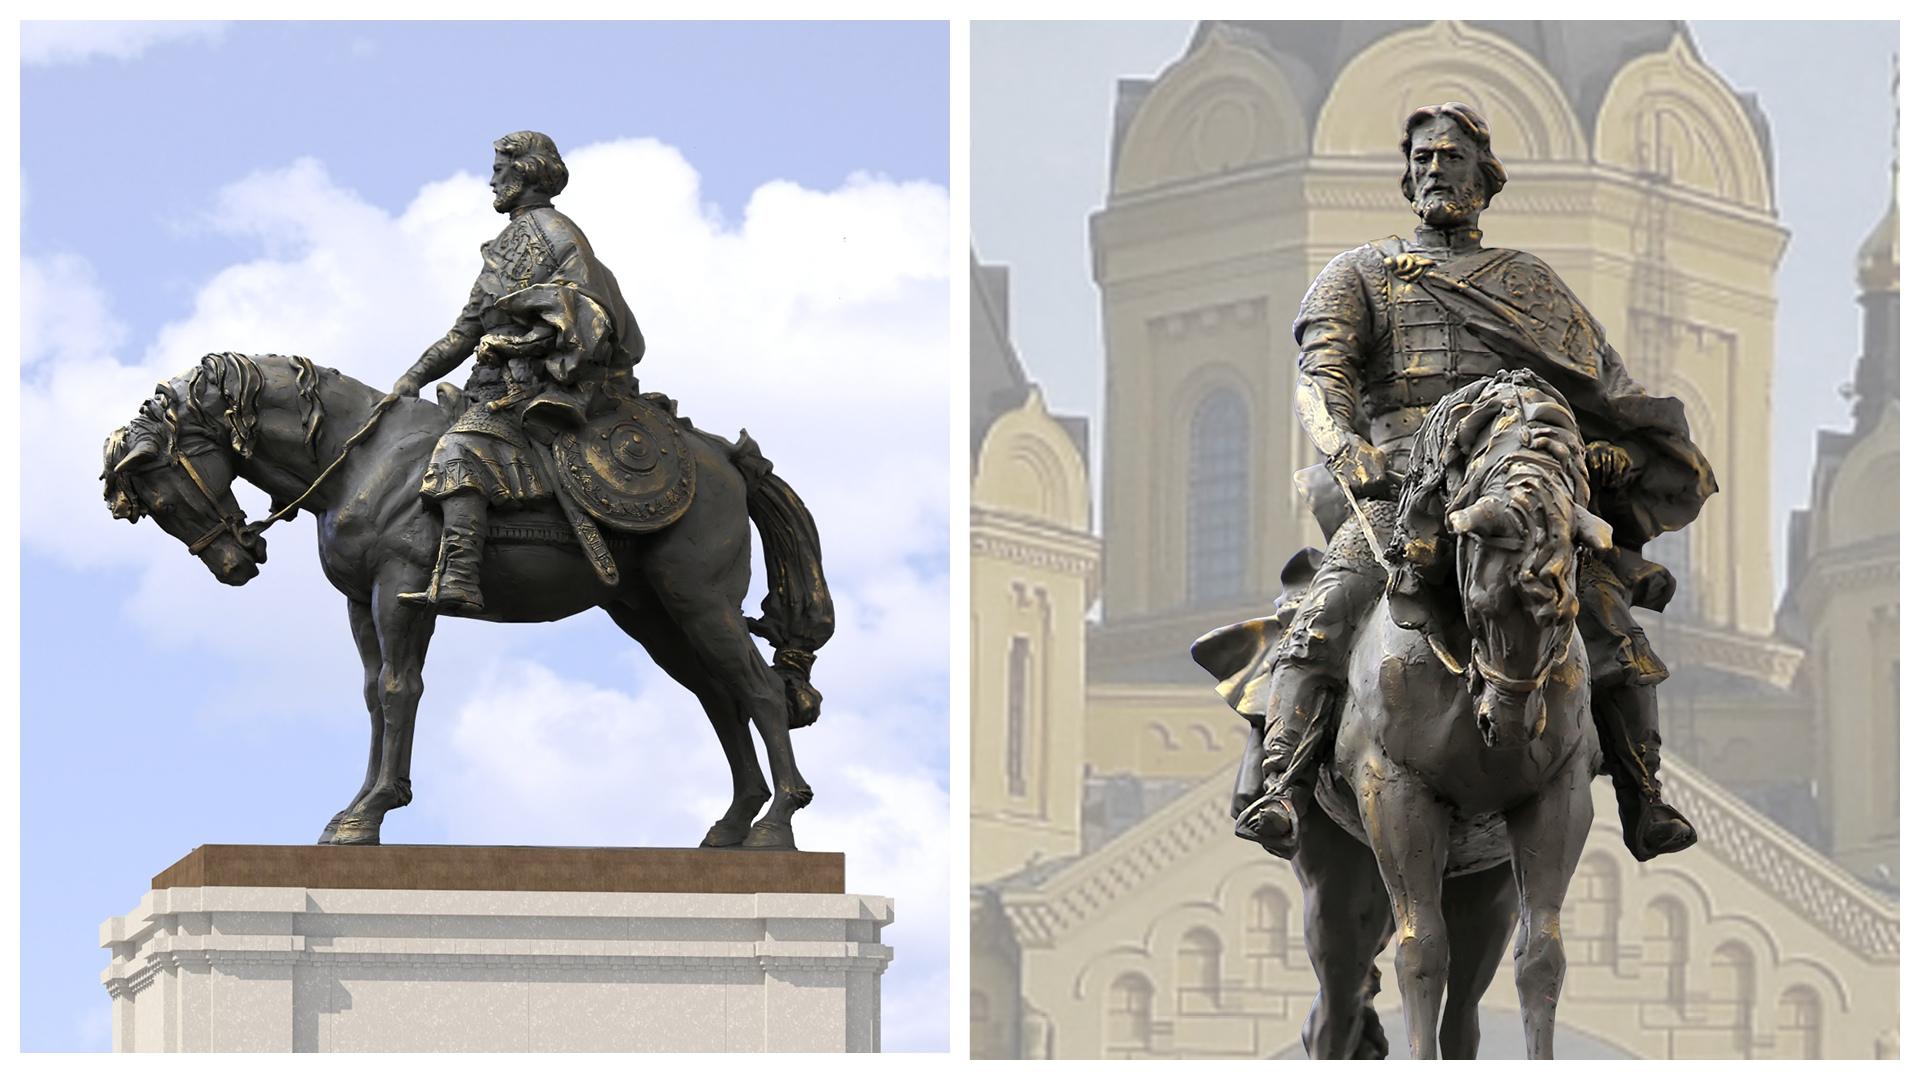 Стартовало голосование за эскиз памятника Александру Невскому, который будет установлен в Нижнем Новгороде